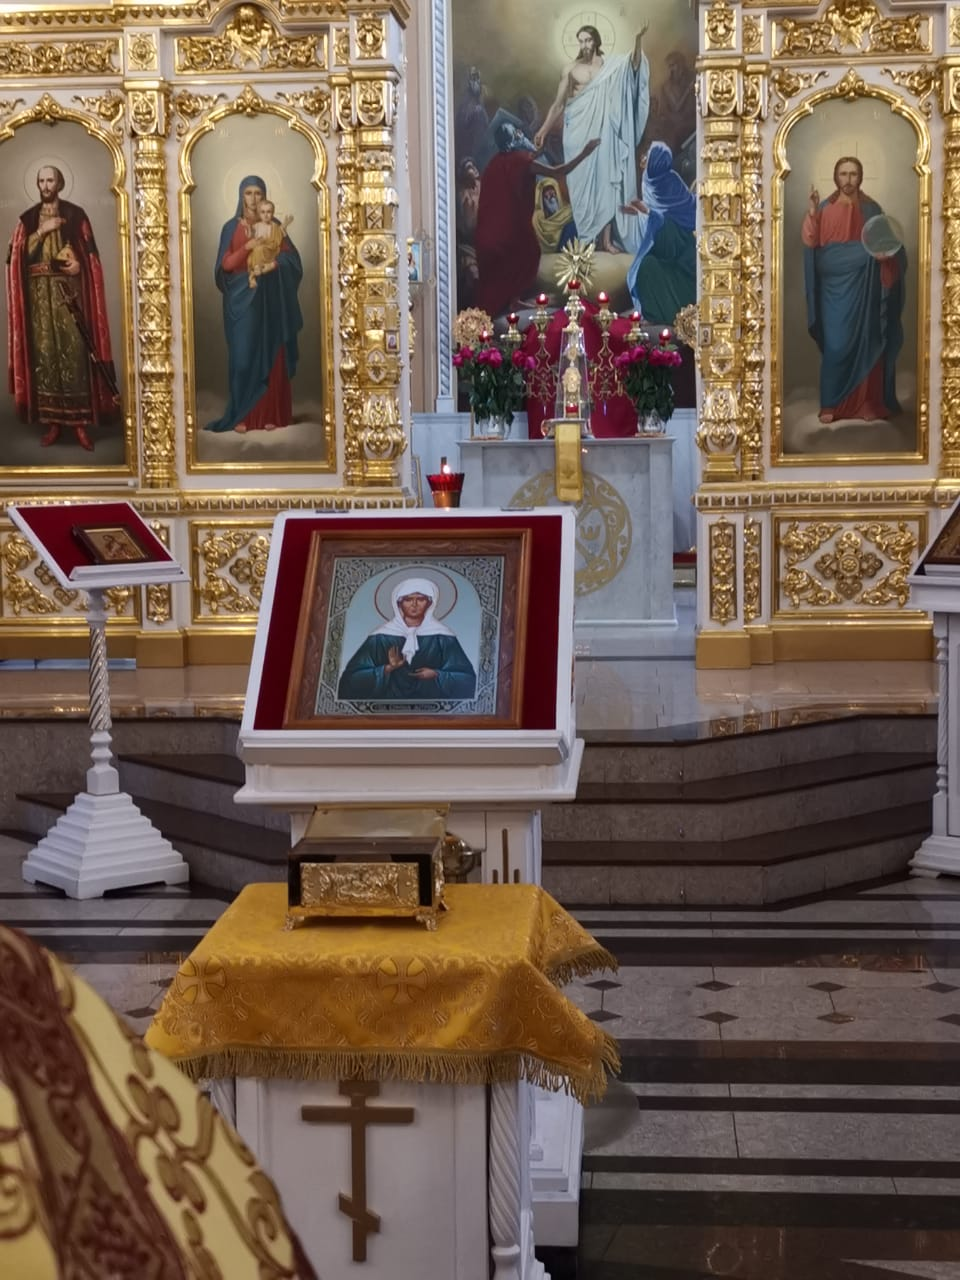 Ковчег с частью мощей святой старицы Матроны Московской прибыли на Тверскую землю